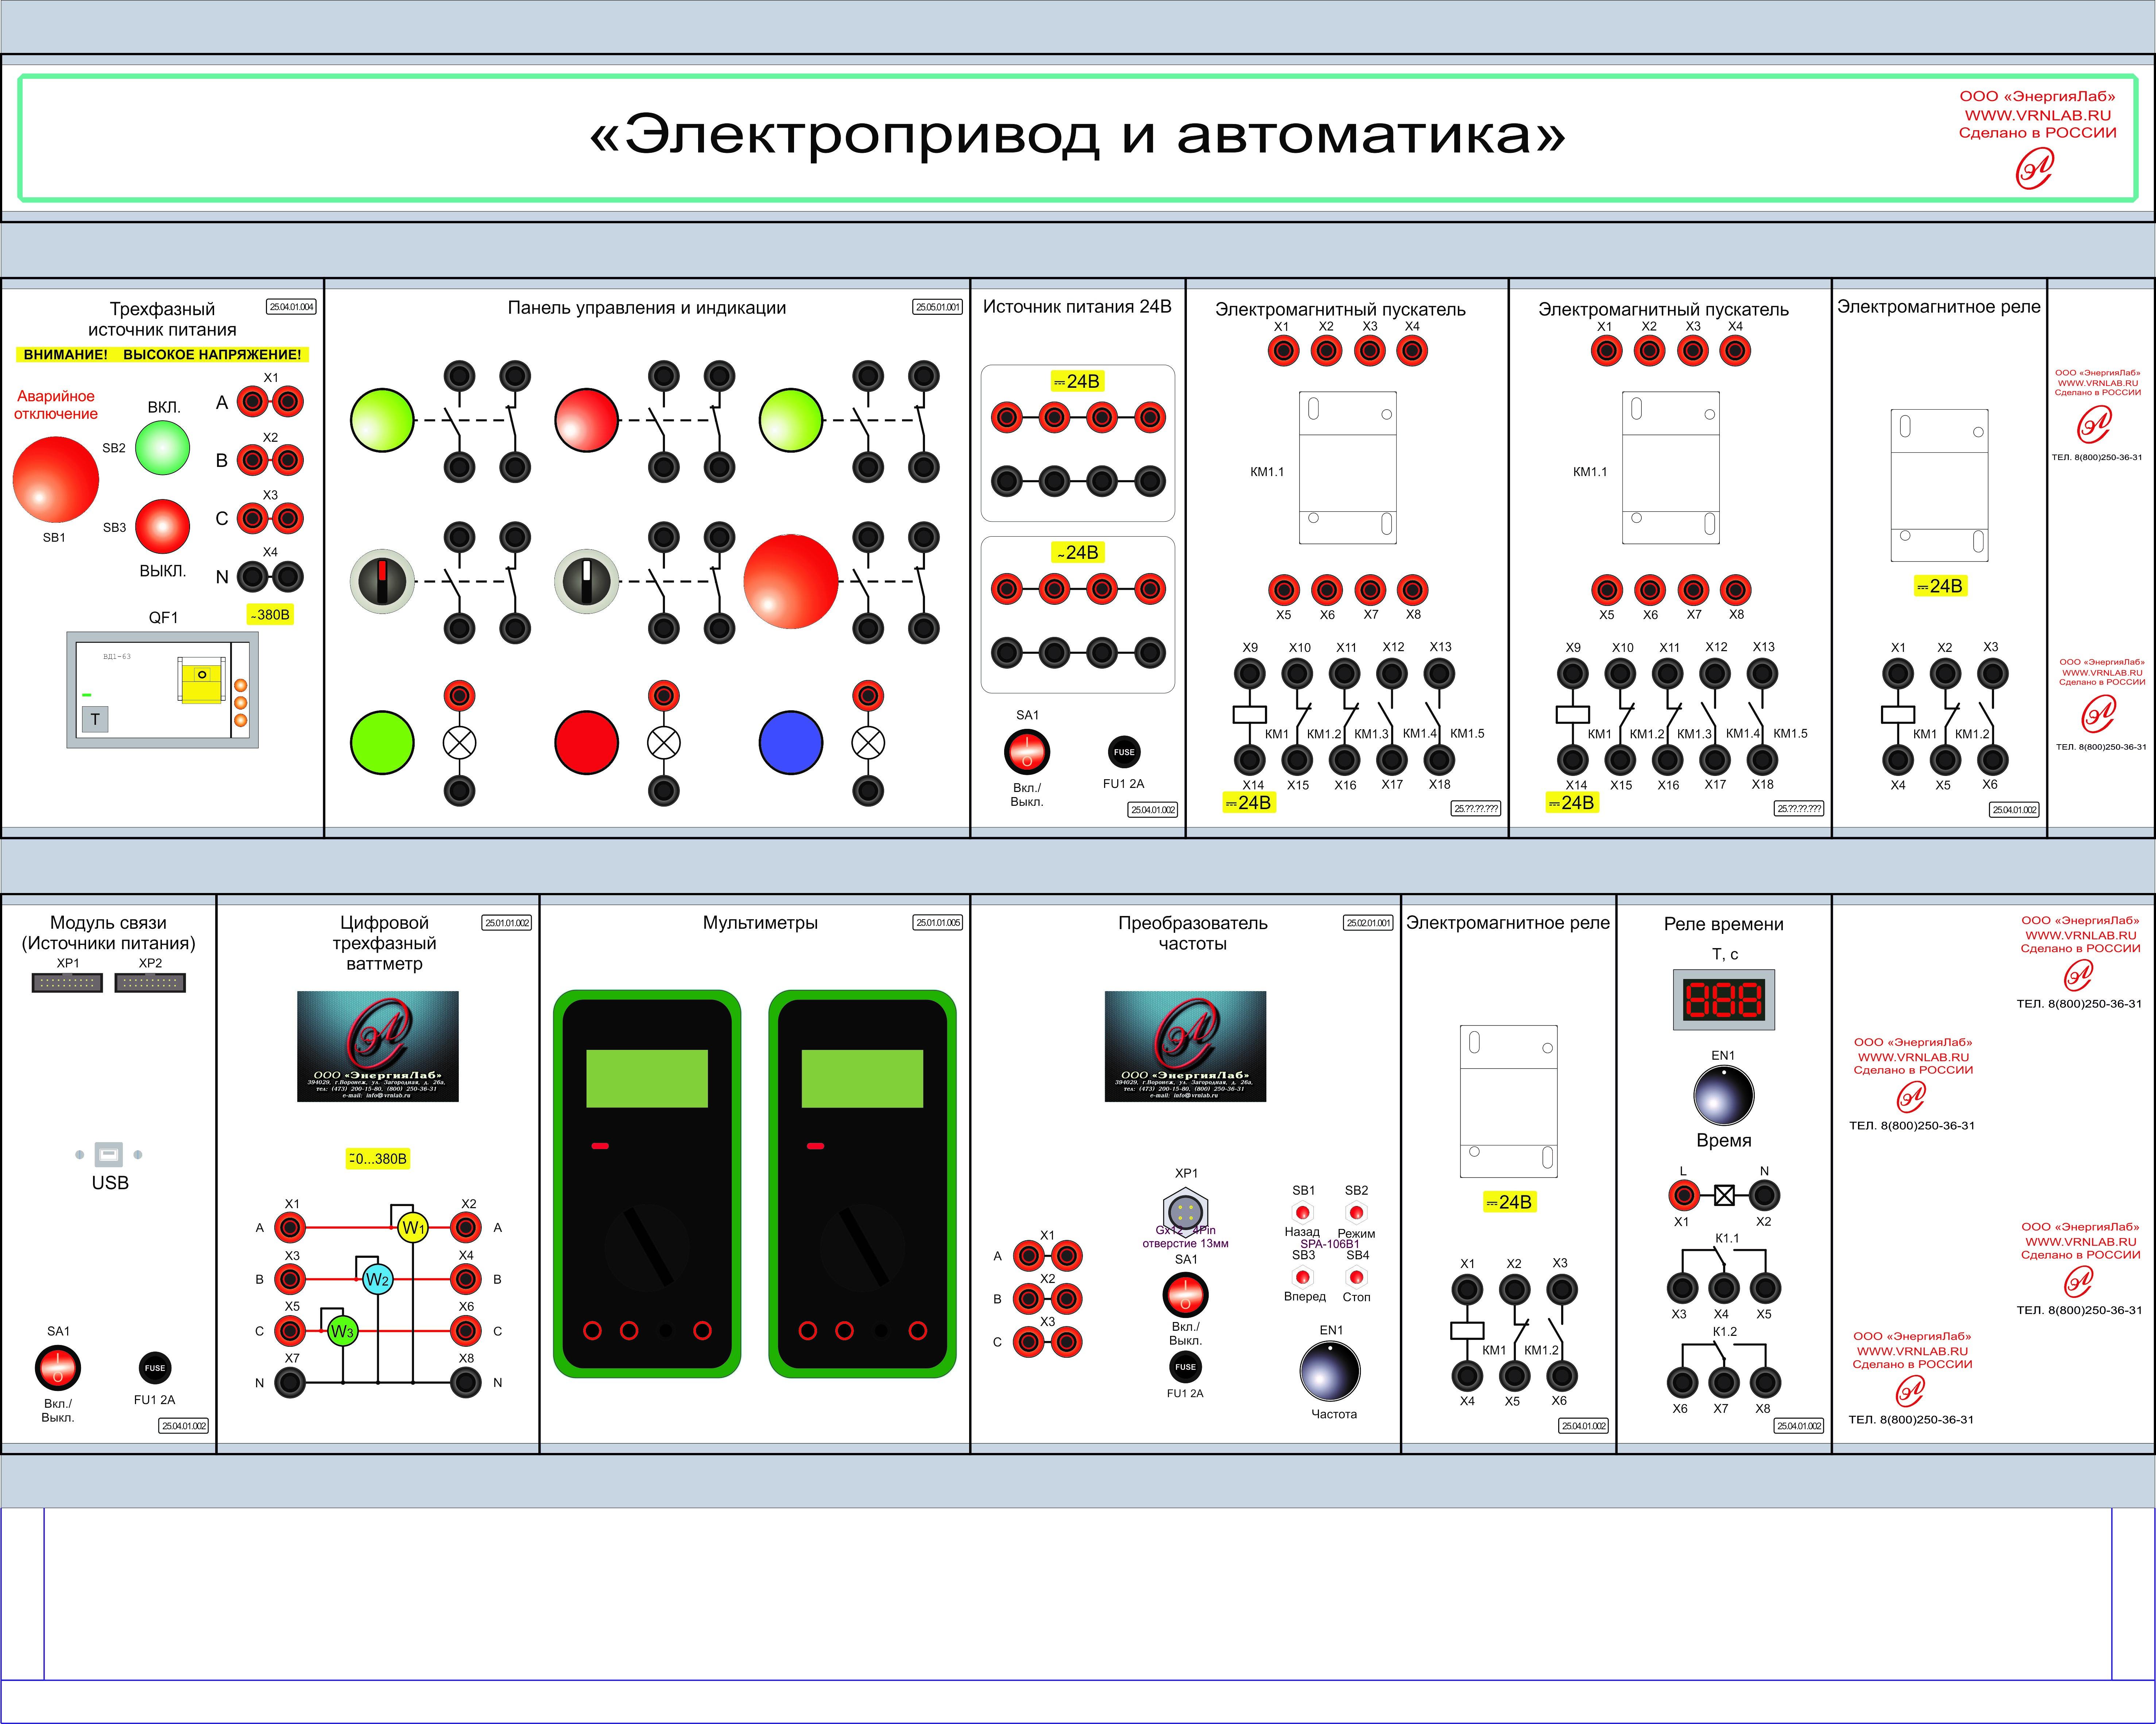 Комплект лабораторного оборудования «Электропривод и автоматика»